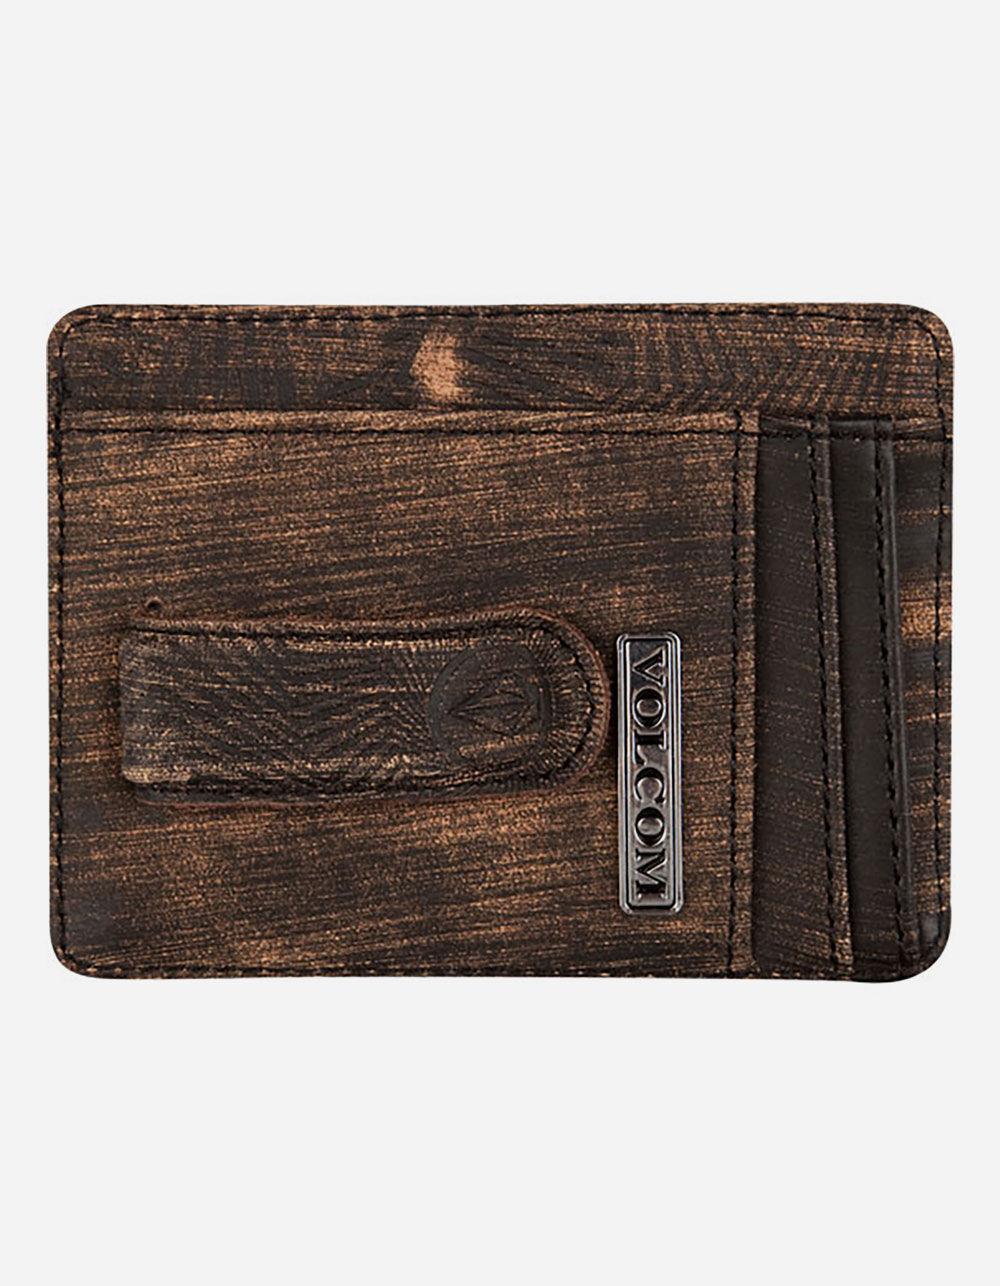 VOLCOM Tractor Wallet